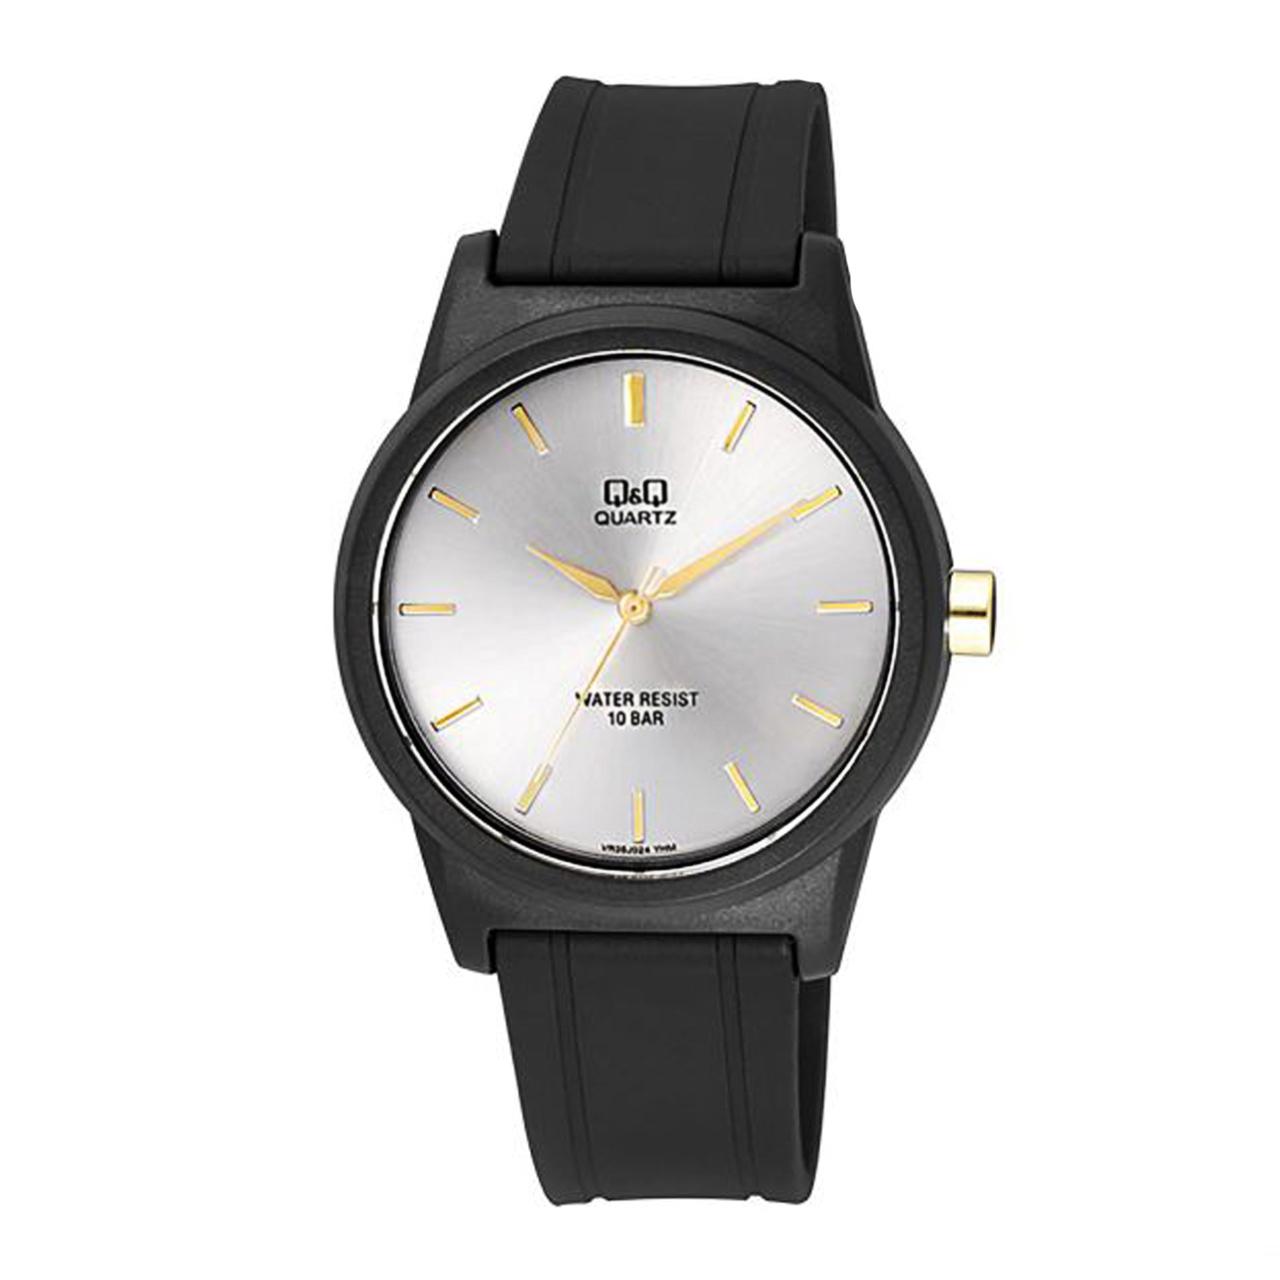 ساعت مچی عقربه ای مردانه کیو اند کیو مدلVR35J024Y به همراه دستمال مخصوص برند کلین واچ